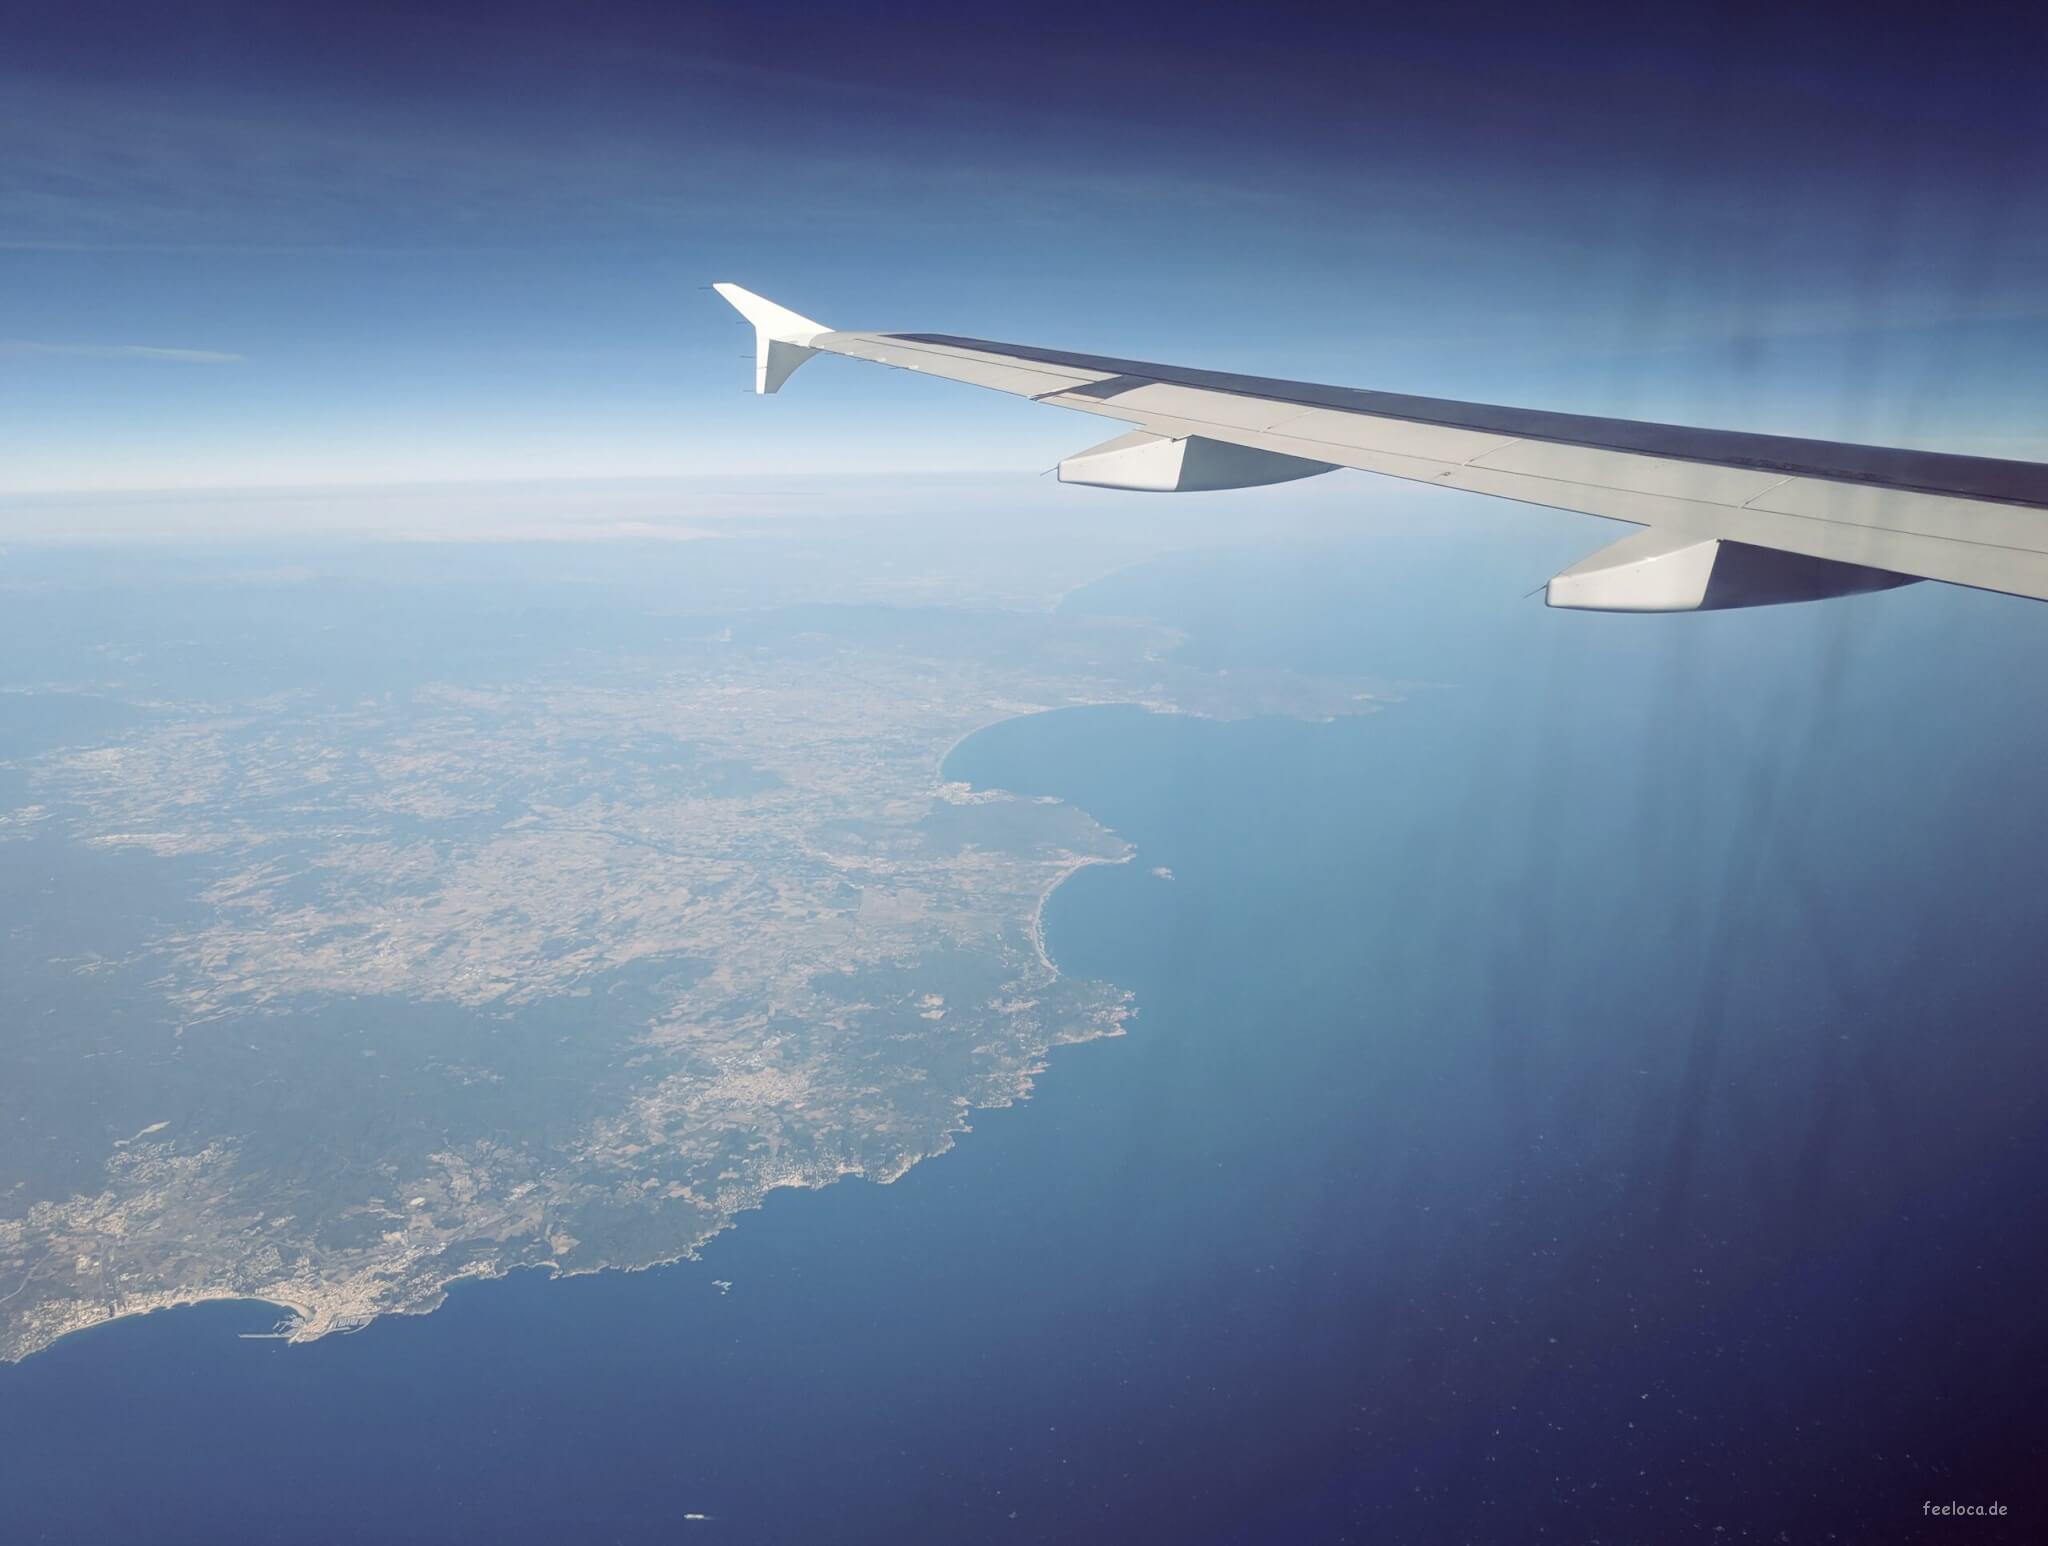 Costa de Espana